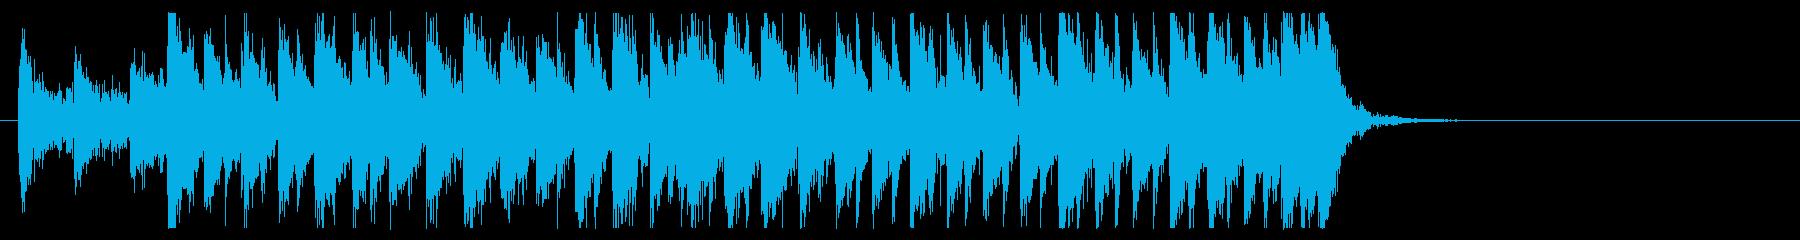 三味線 太鼓のアンサンブル4BPM130の再生済みの波形